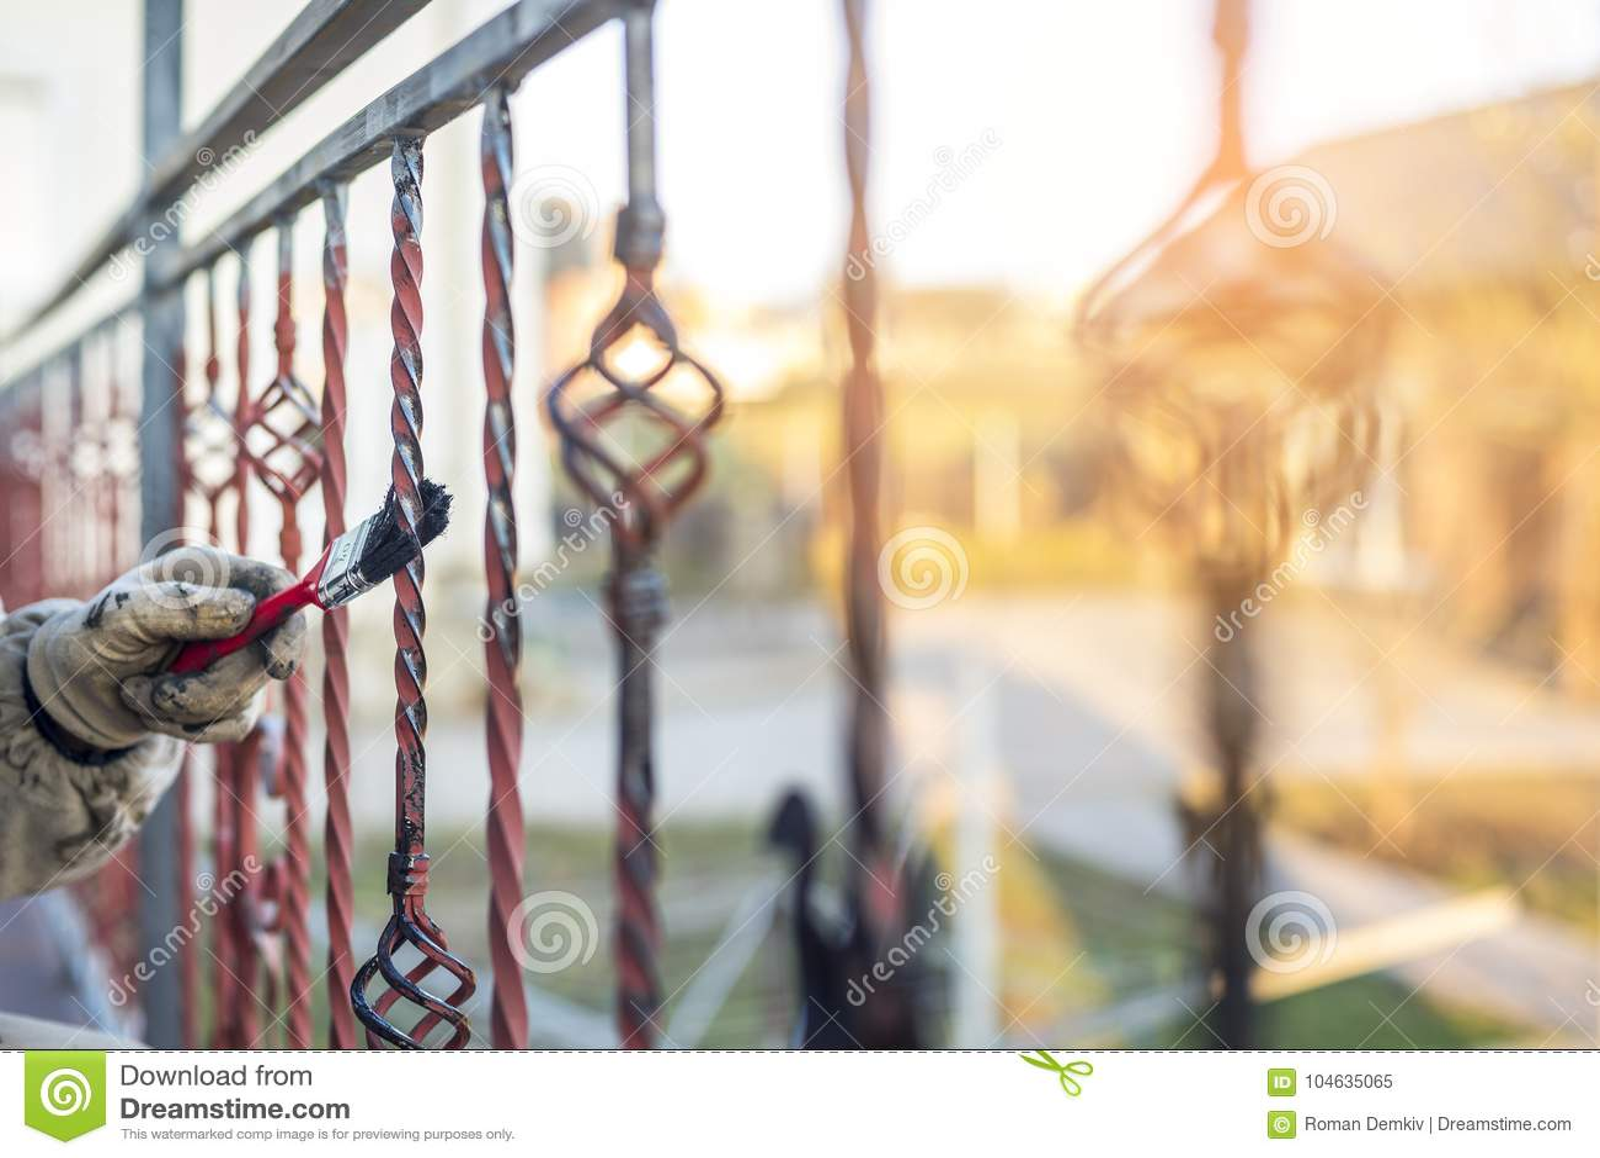 Download Het Behandelen Van Gesmede Producten Door Inleiding En Borstel, Die Proces Werken Bescherming Tegen Roest Stock Afbeelding - Afbeelding bestaande uit achtergrond, sinaasappel: 104635065